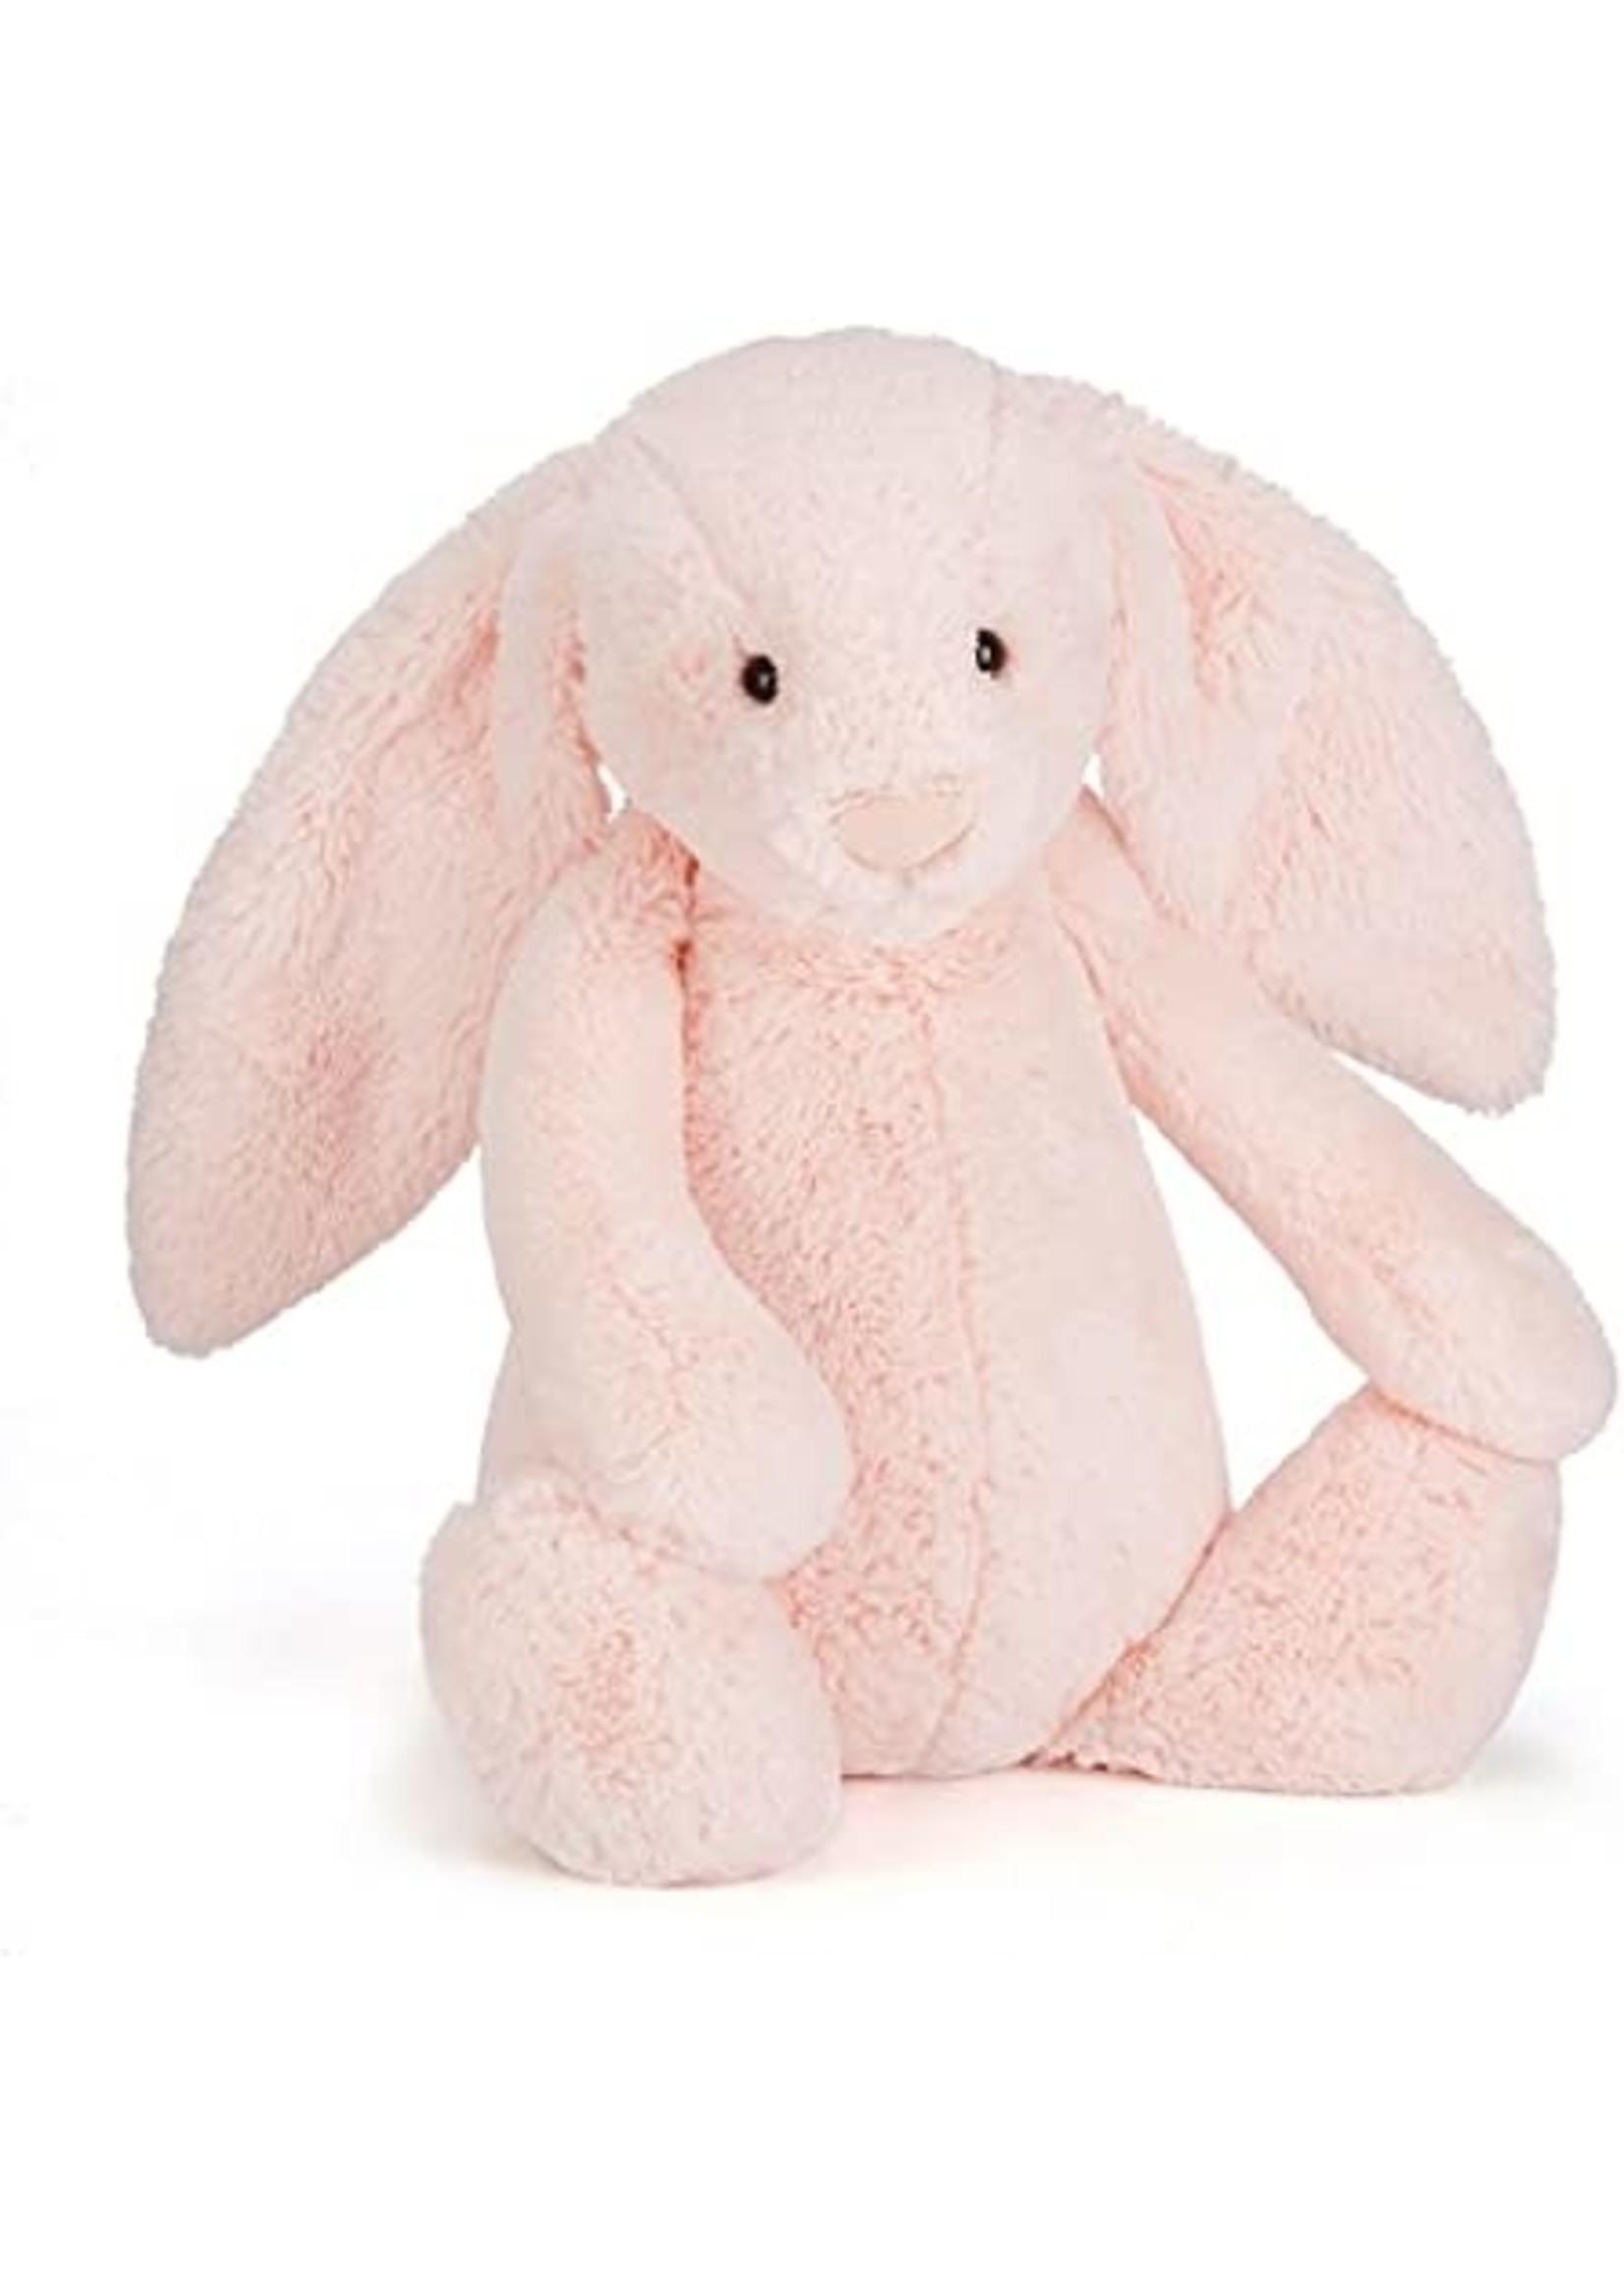 JC Huge Bashful Blush Bunny